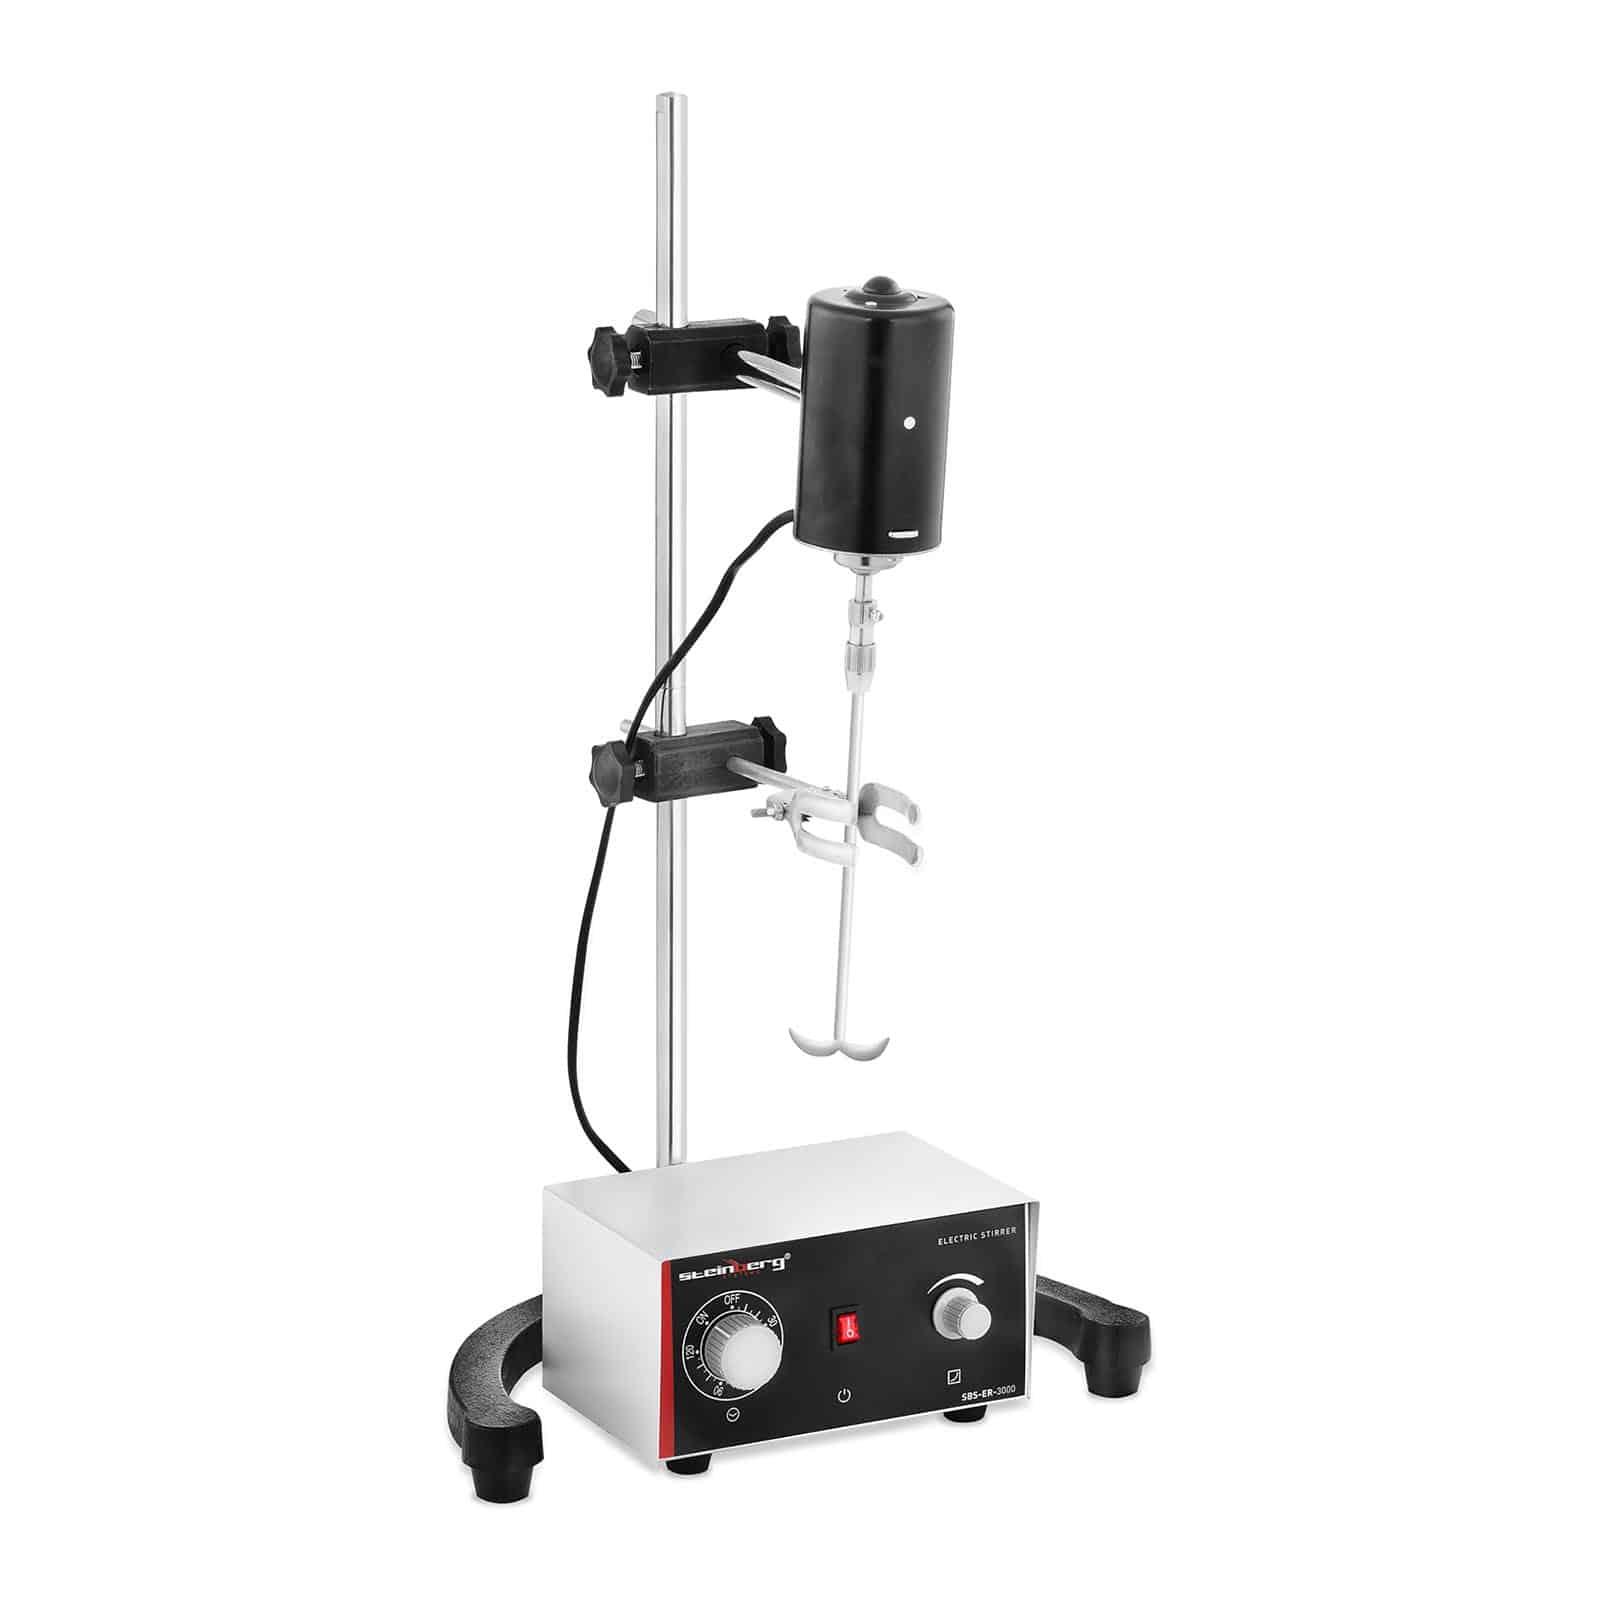 Agitateur électrique laboratoire